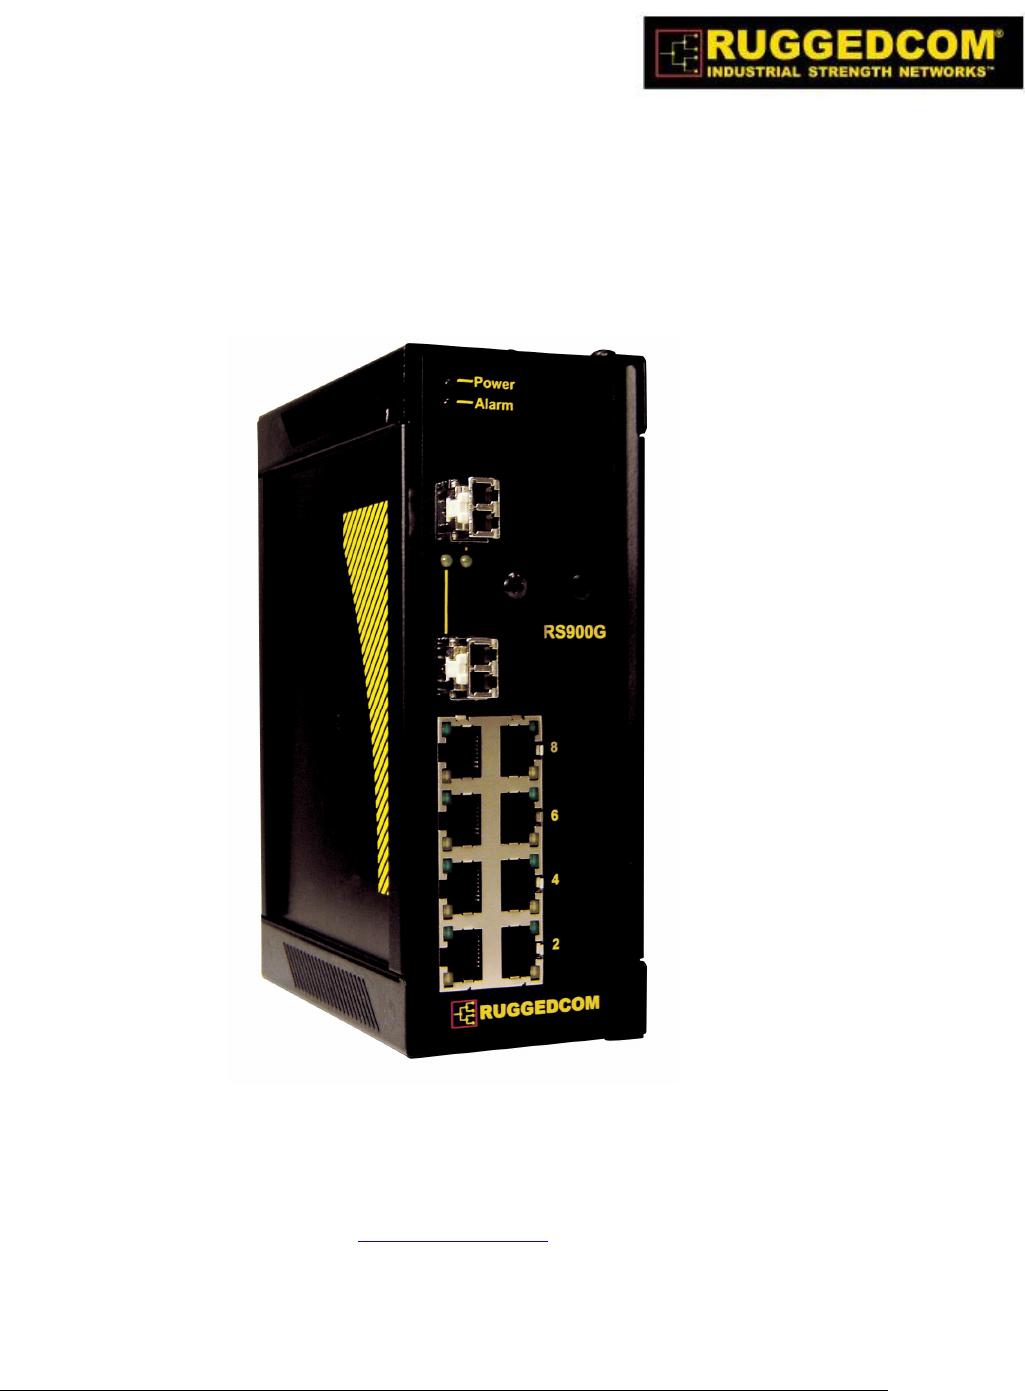 Ruggedcom Switch Rs900g User Guide Manualsonline Com